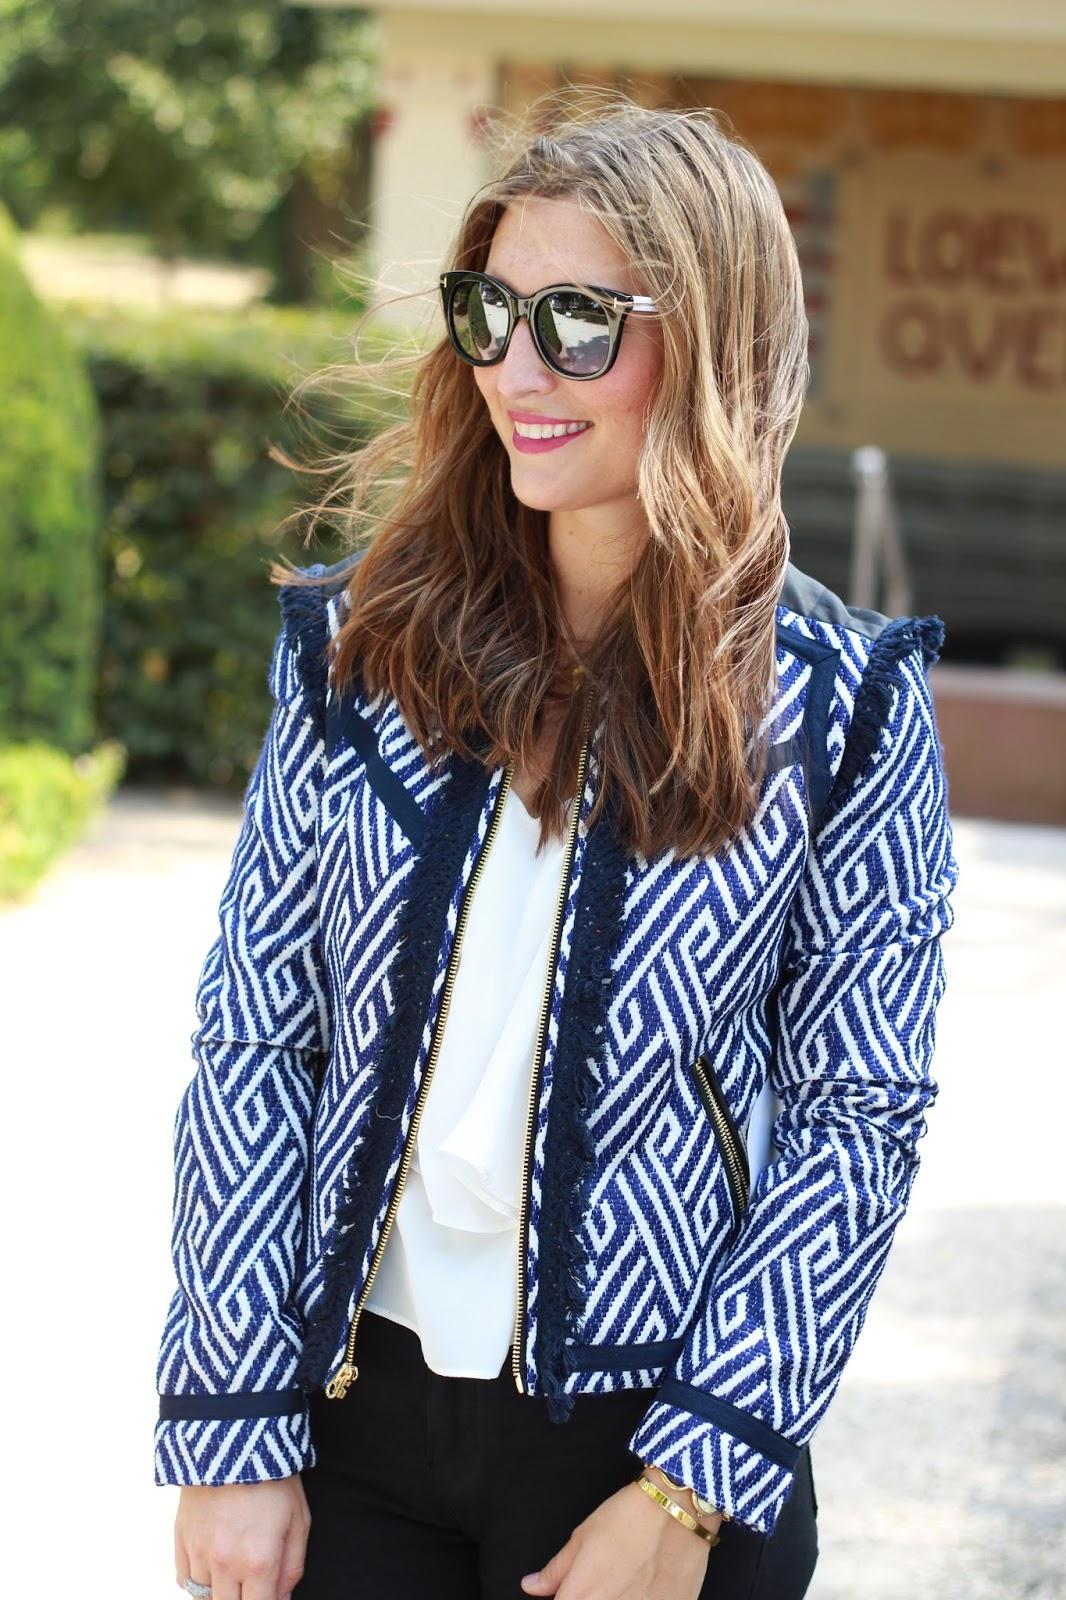 Deutsche Fashionblogger - Blogger aus Deutschland - Fashionstylebyjohanna - Modeblogger aus Frankfurt - Frühlingsoutfit - Outfitinspiration- Blogger in Sonnenbrille